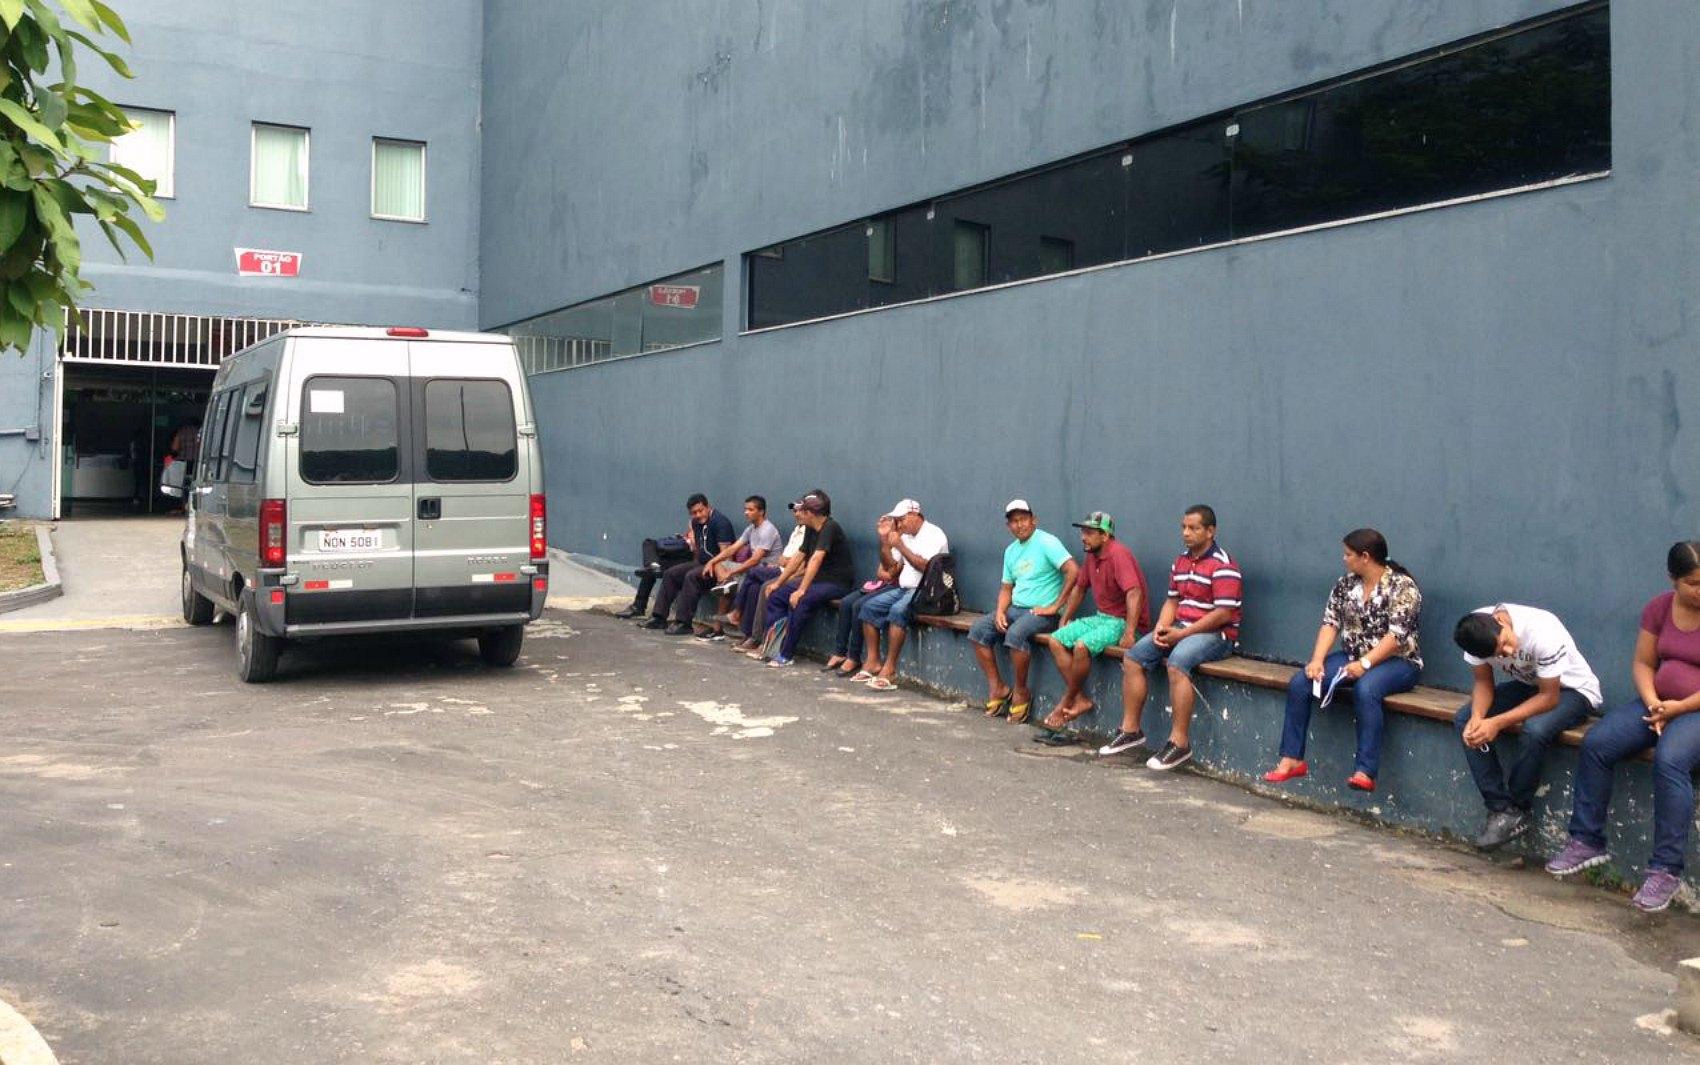 Eleitores aguardam na fila antes da abertura dos portões, em Manaus